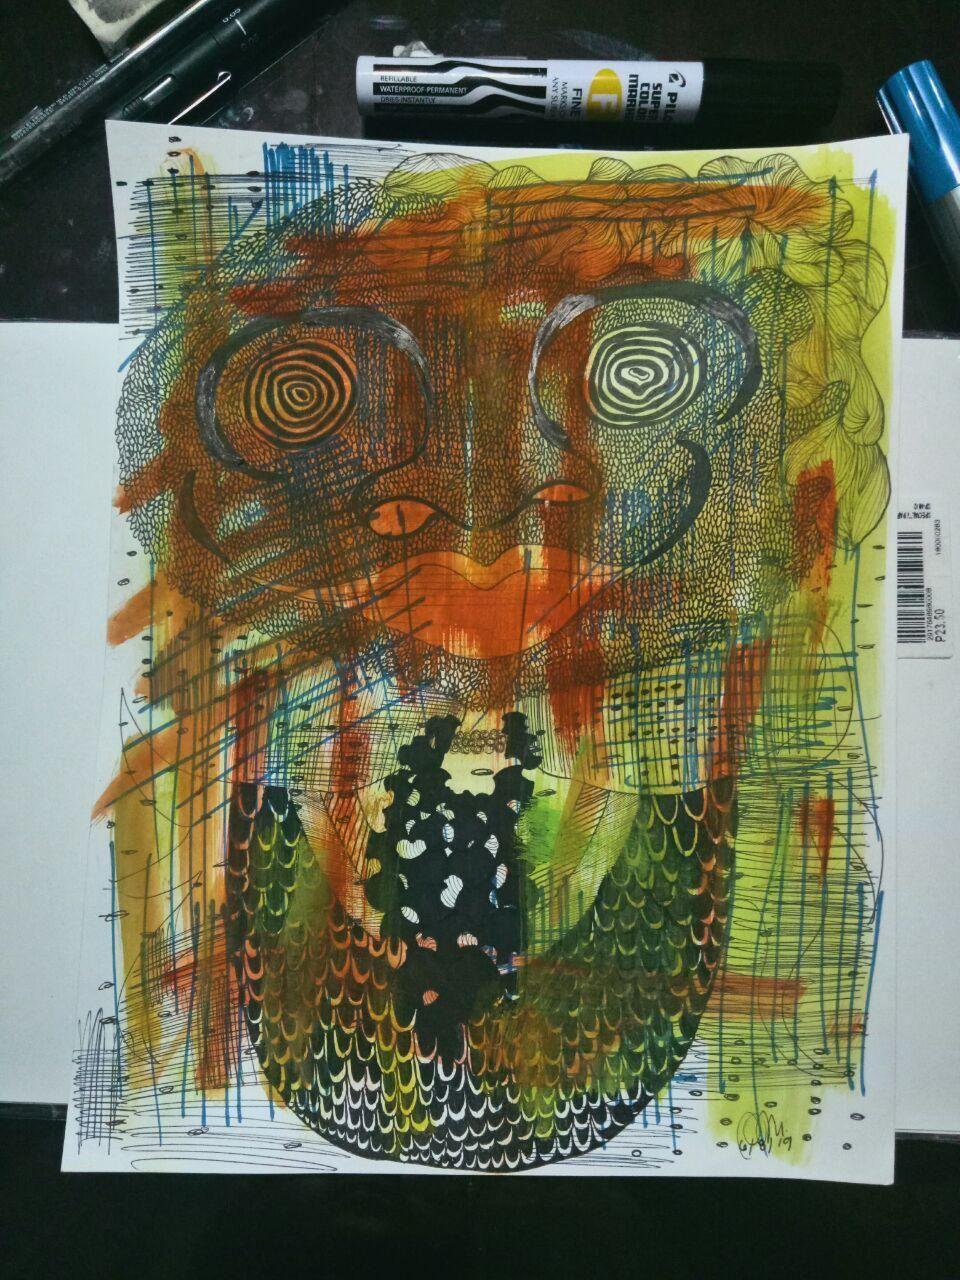 Ink and watercolour on paper  #abstractart #abstract #artph #art #weird #creepy #ink #weirdart #instart #artistsoninstagram #creepyart #traditionalart #abstractartist #weirdartwork #creepyartwork